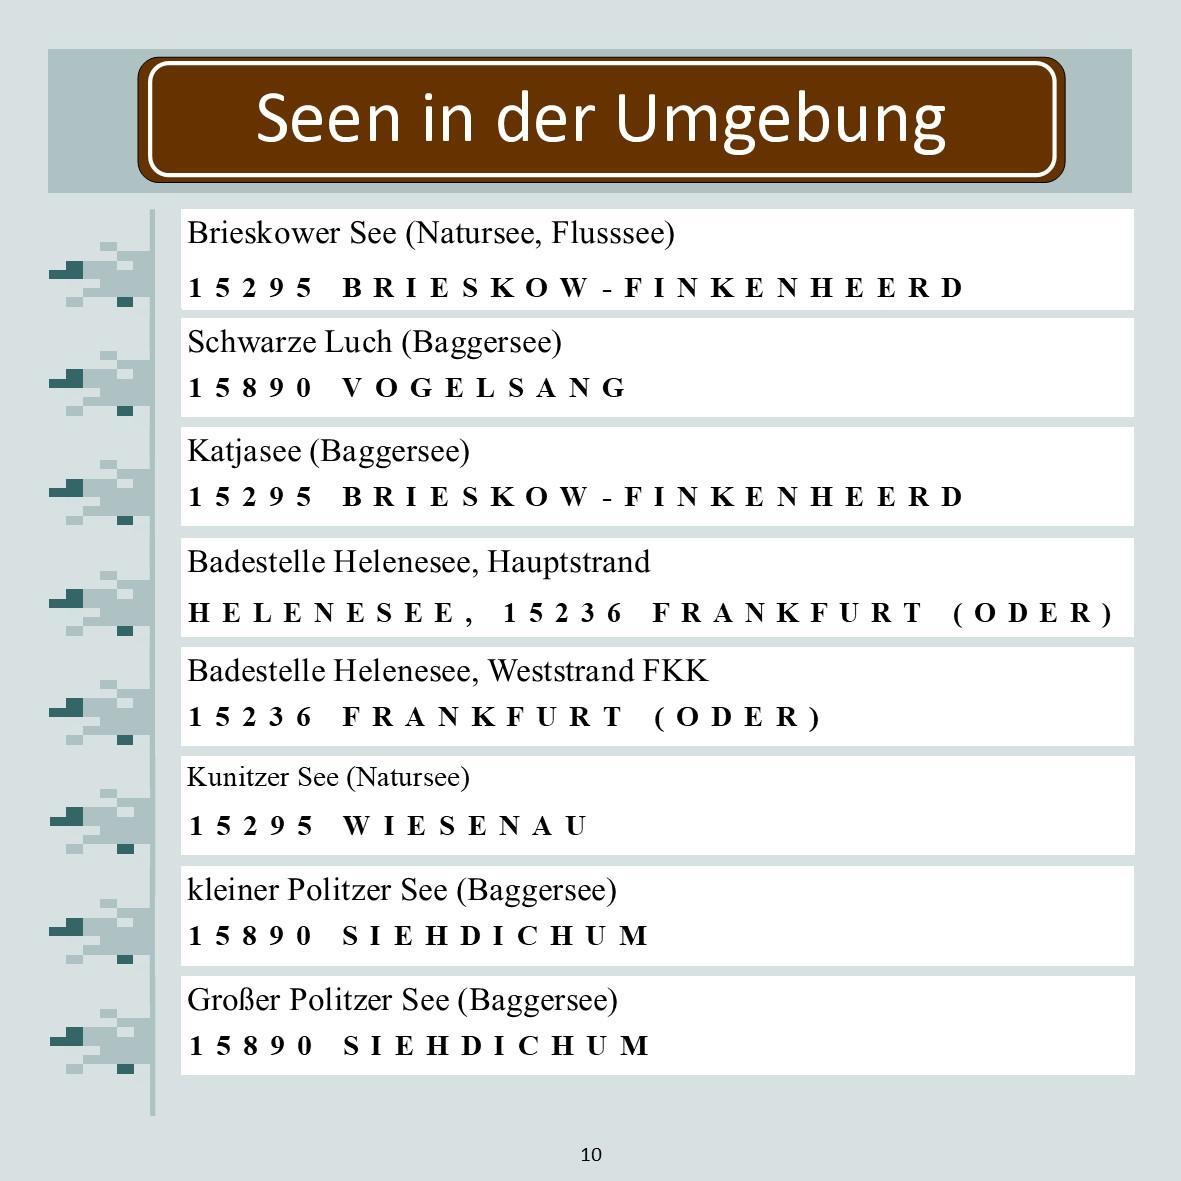 Ziltendorf_Freizeitgestaltung10